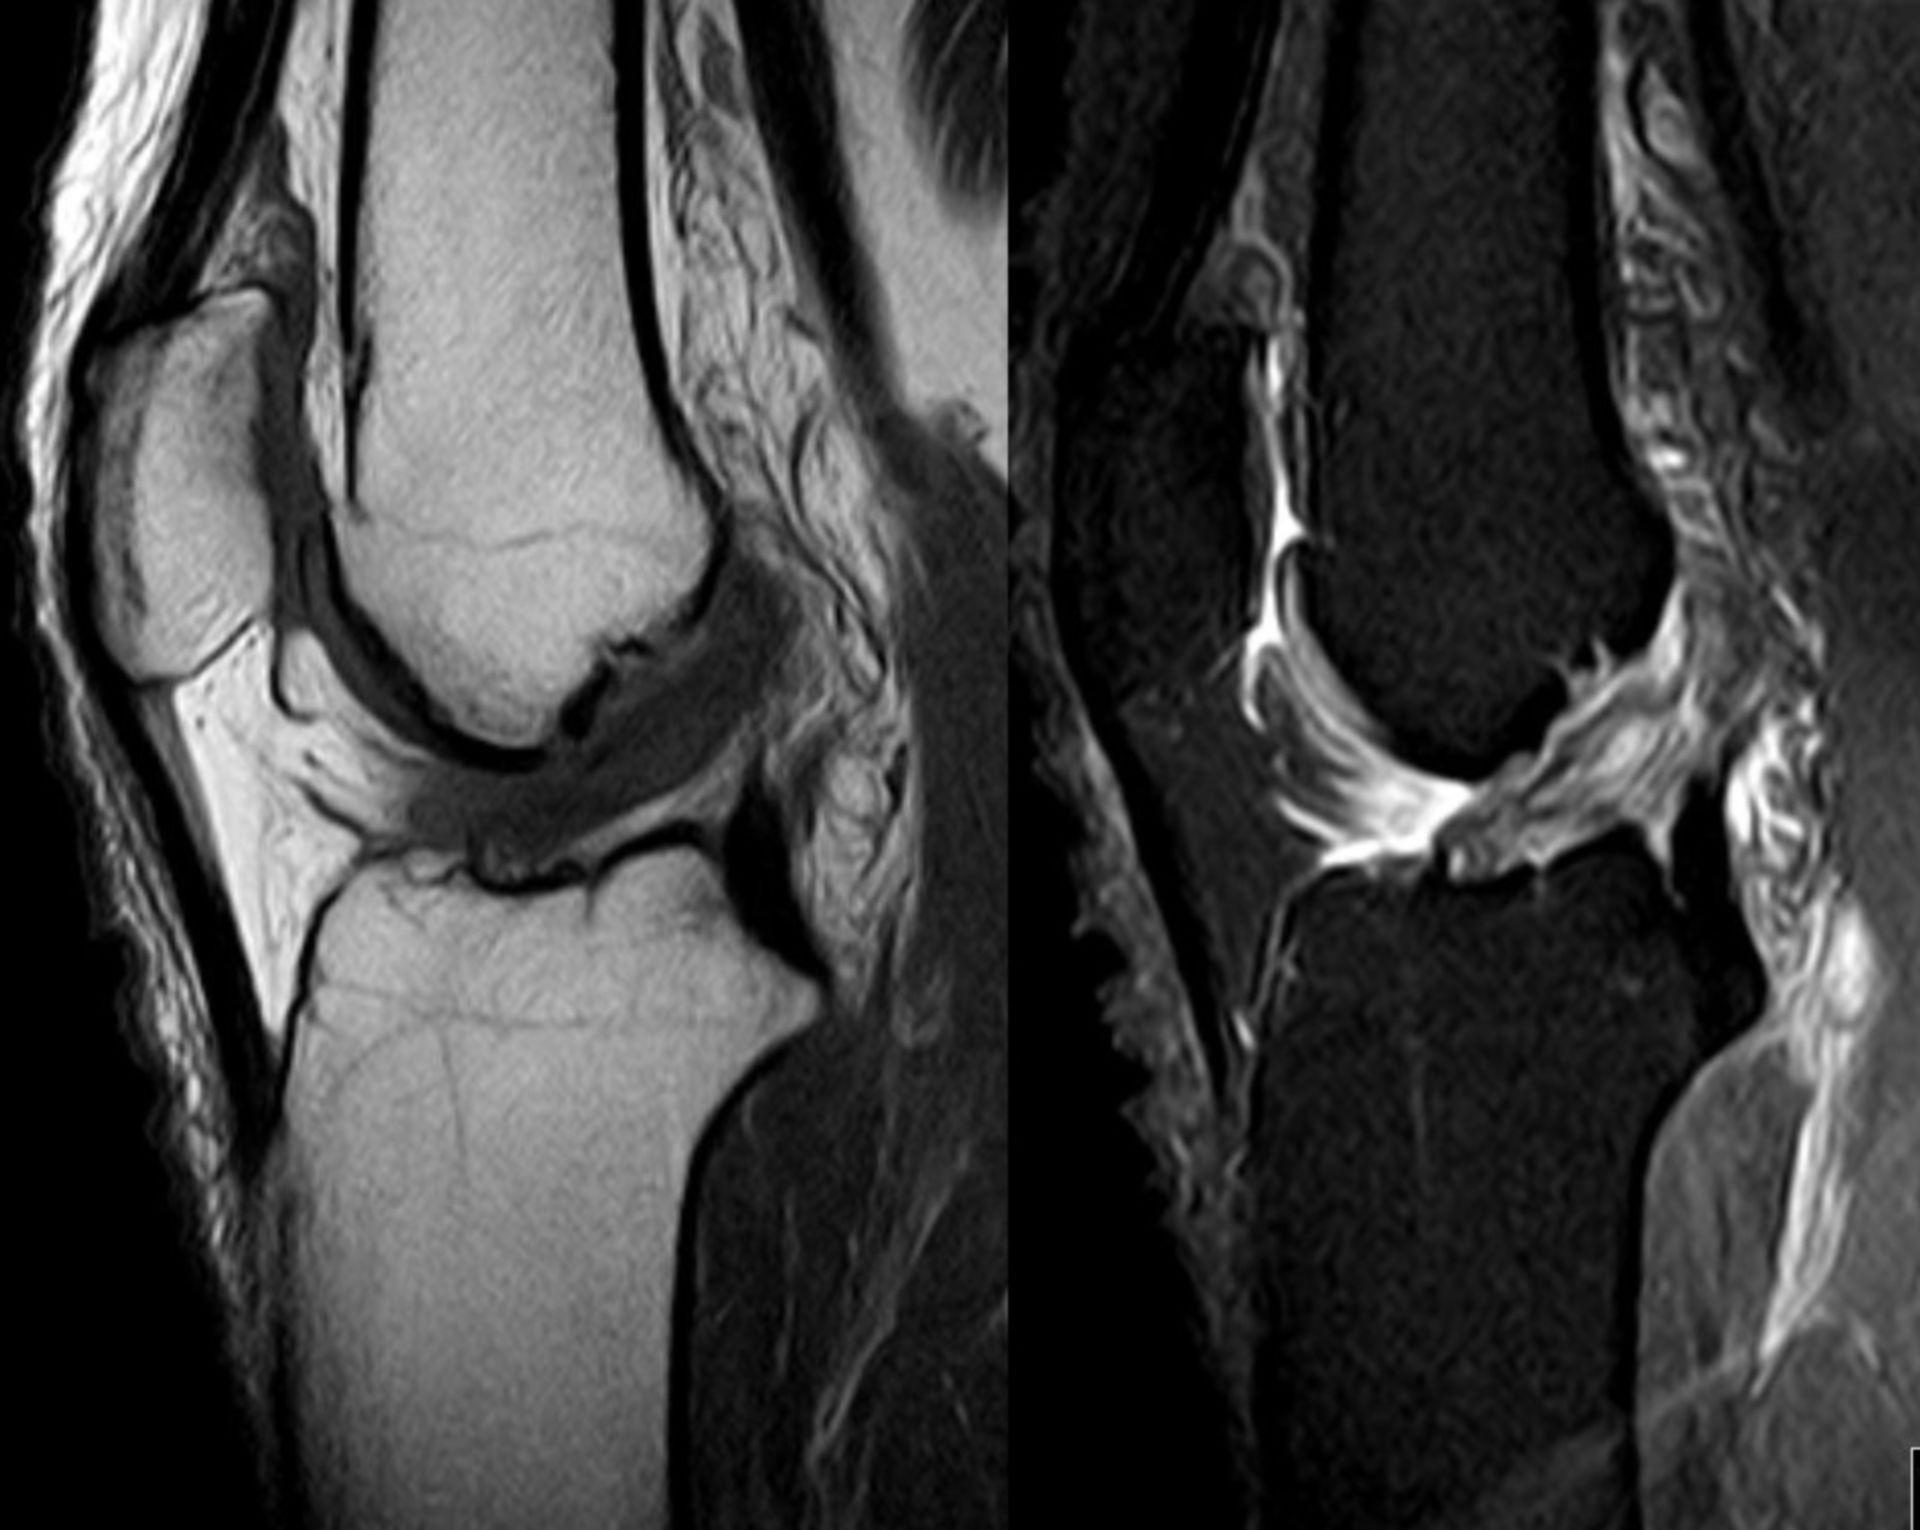 Ruptura del ligamentocruzado anterior en IRM